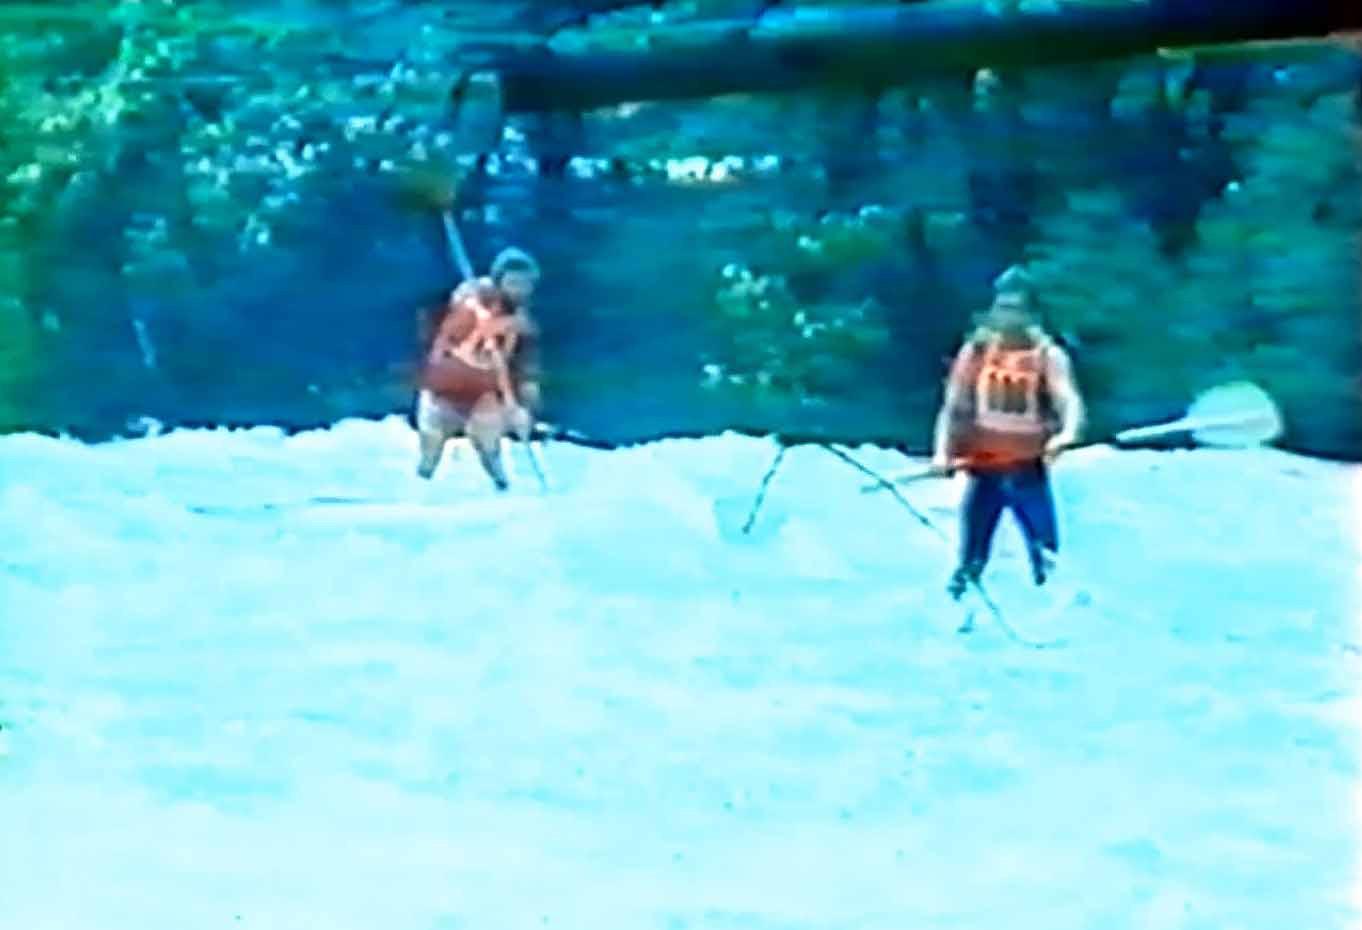 1982 regatta zieleinlauf.jpg